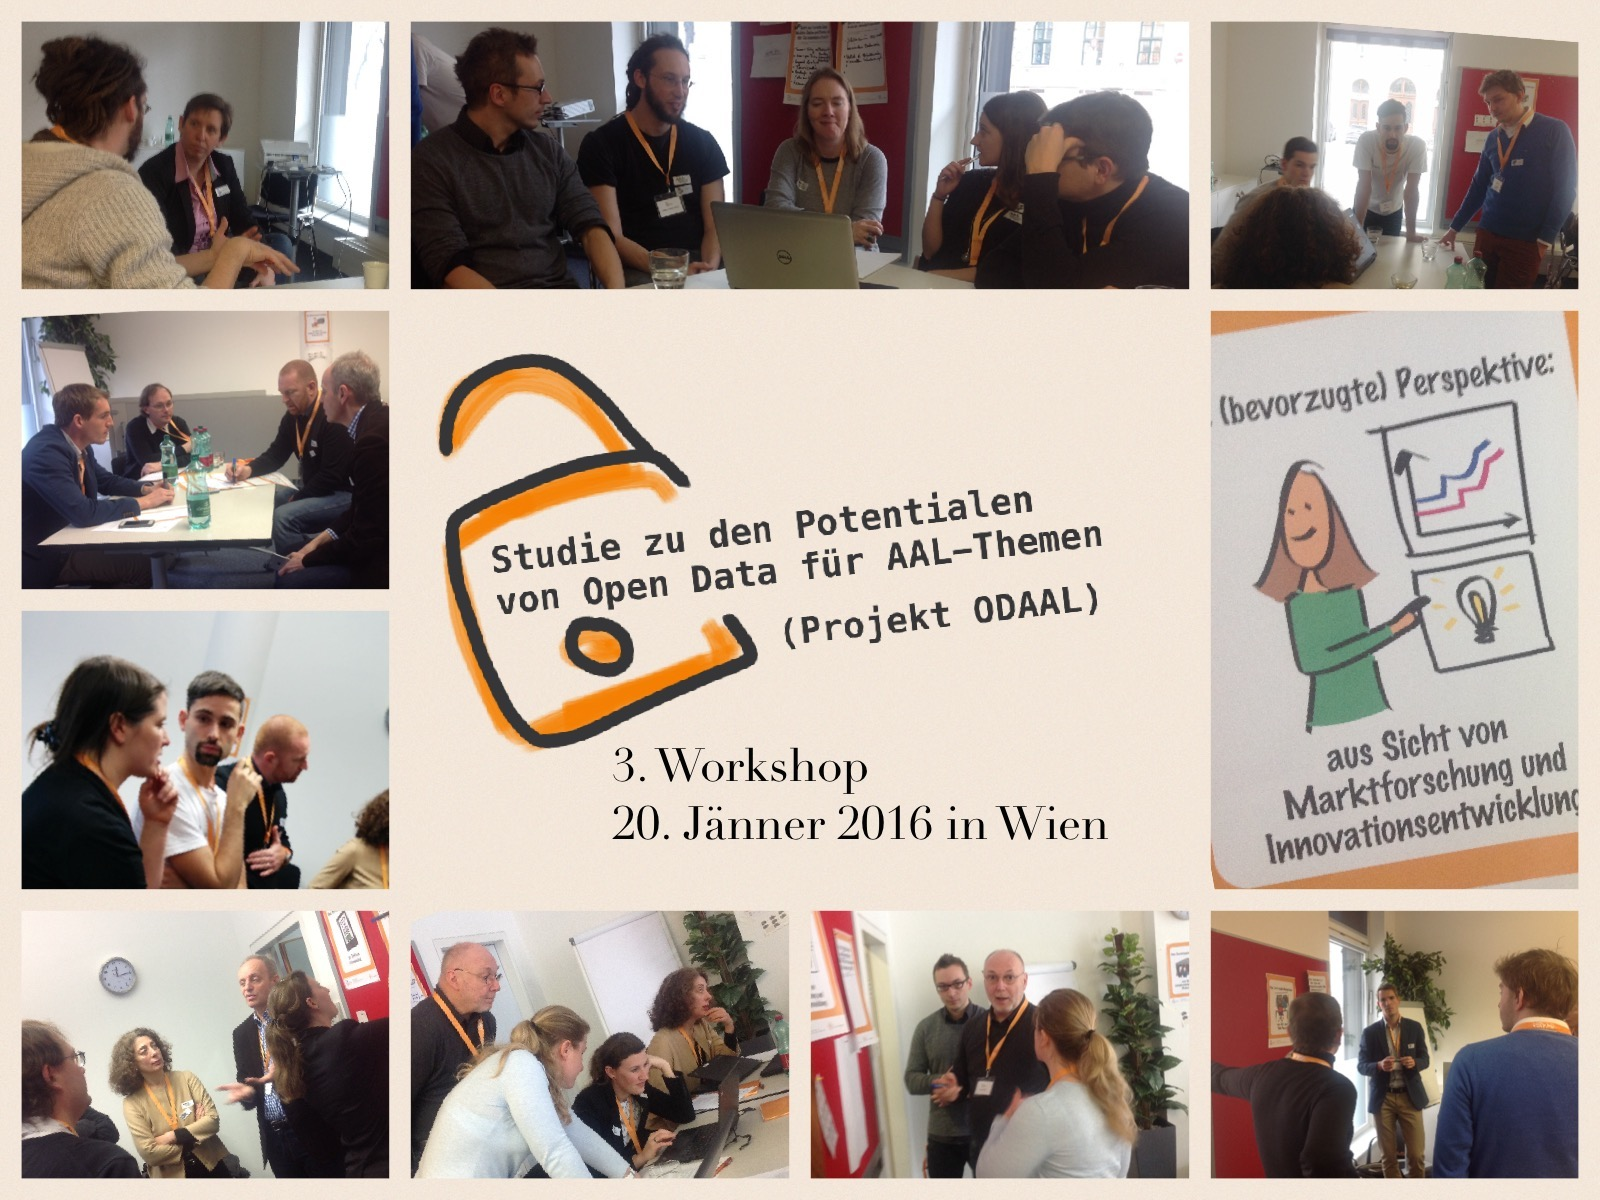 fotodoku_workshop3